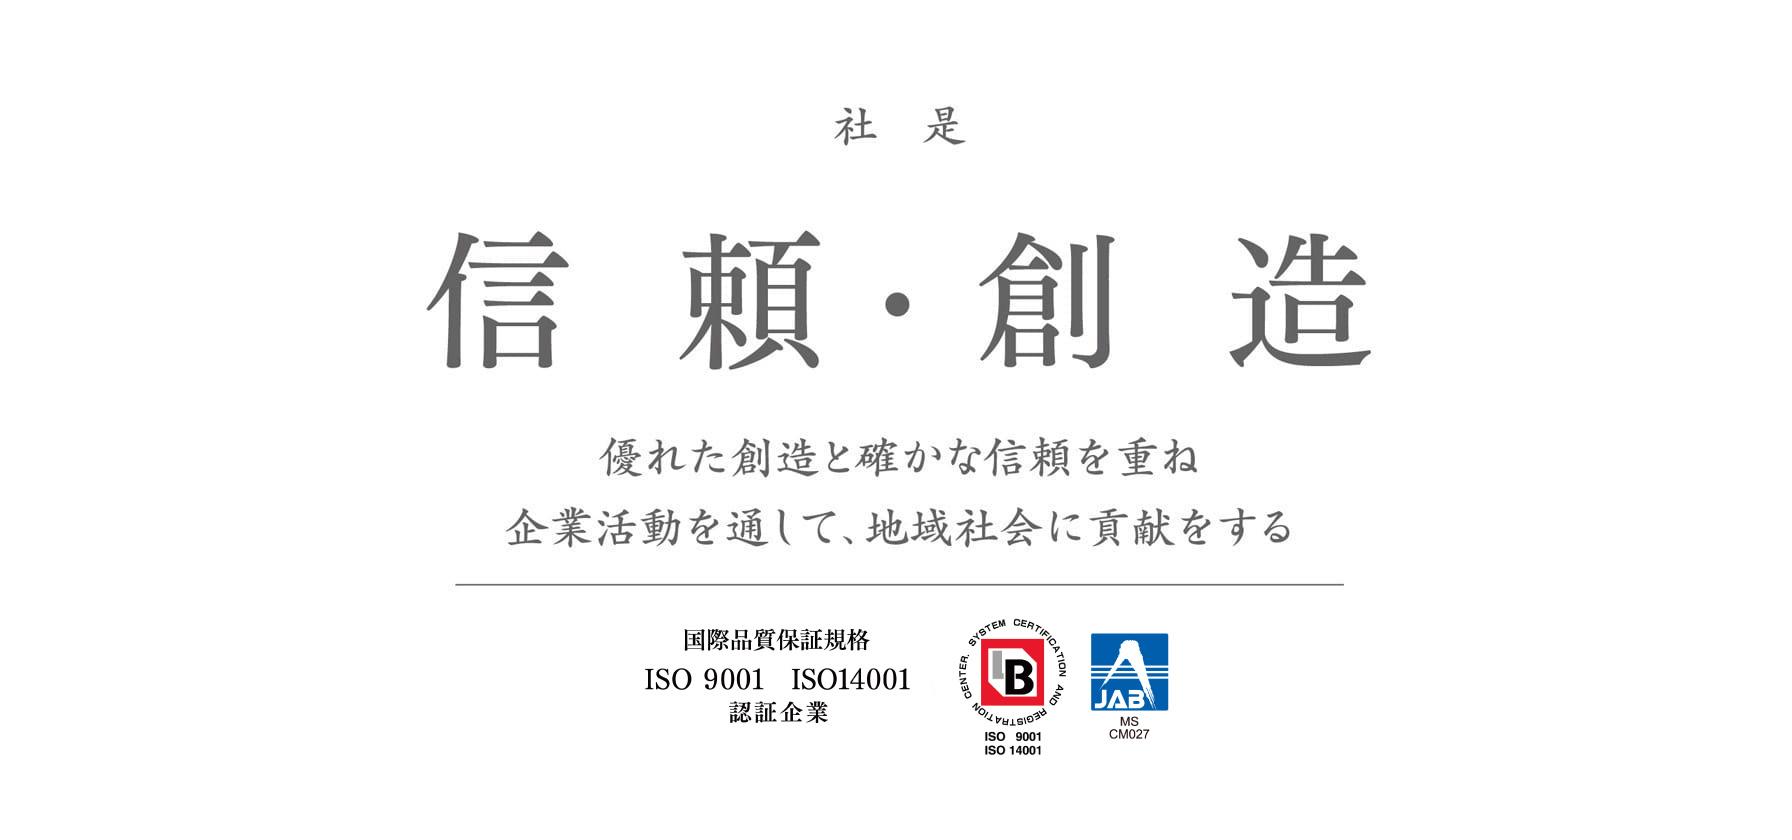 【公式】株式会社大和組|横手市|地震対策|リフォーム|新築|耐震|制震|解体|注文住宅|バリアフリー|